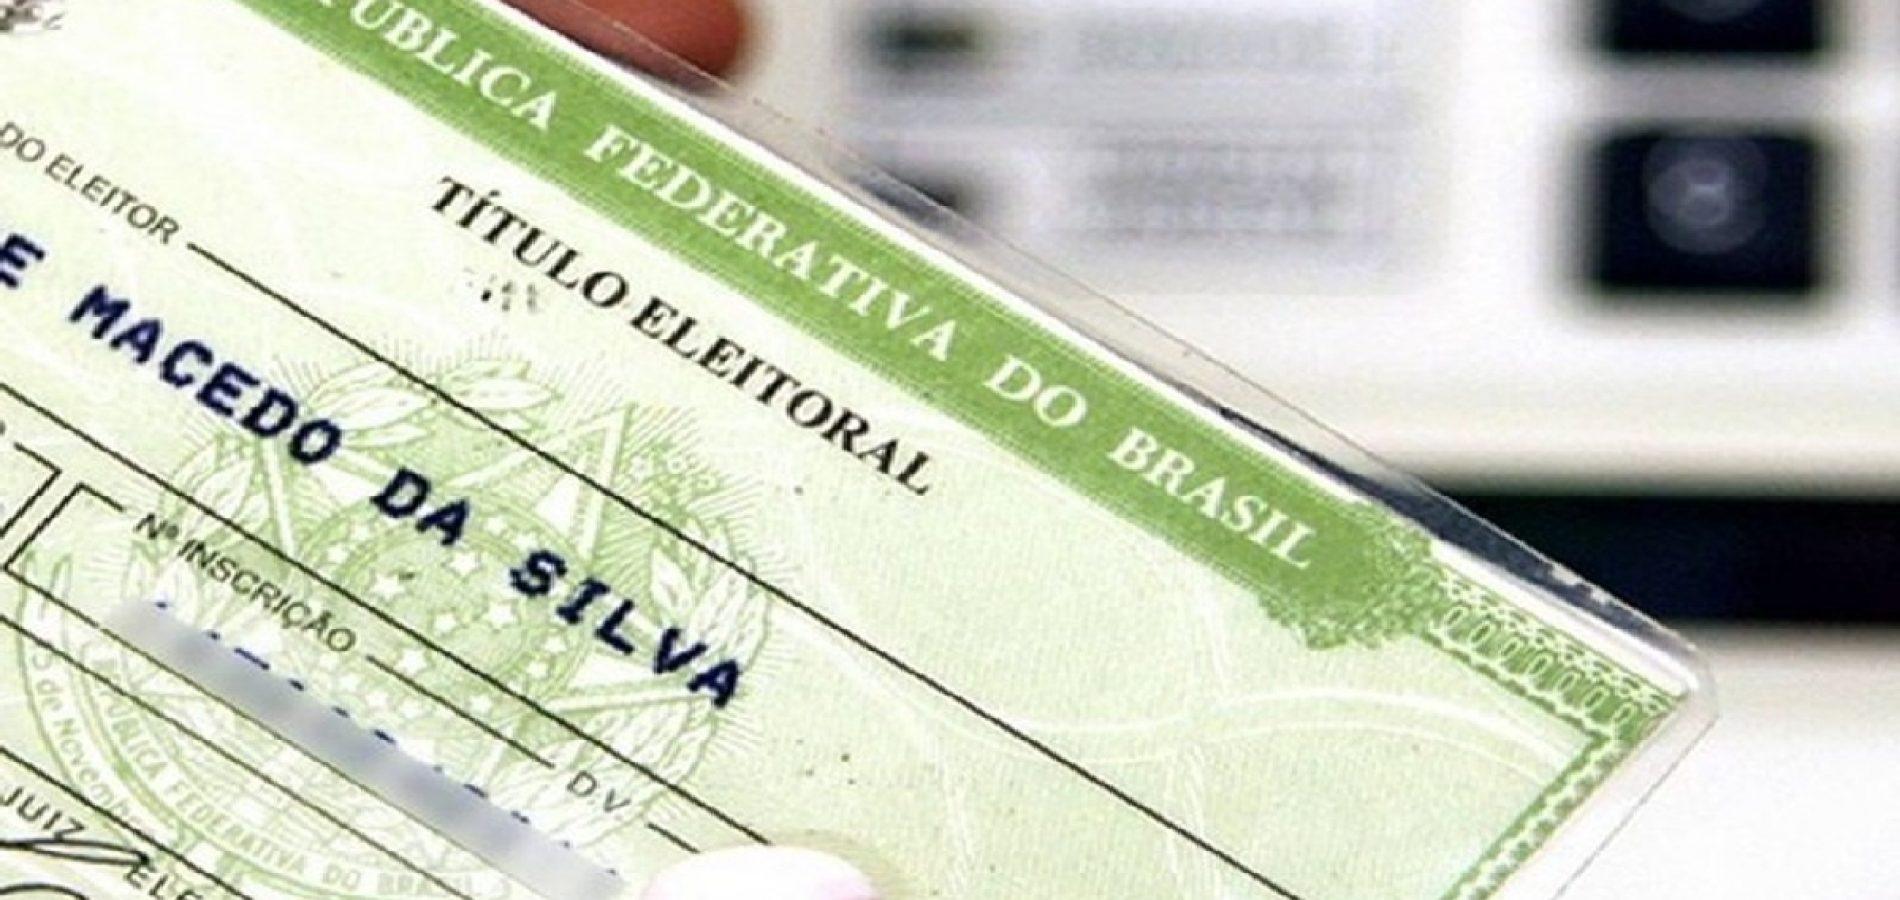 Após regularização, mais de 7 mil títulos de eleitores são cancelados na região de Picos